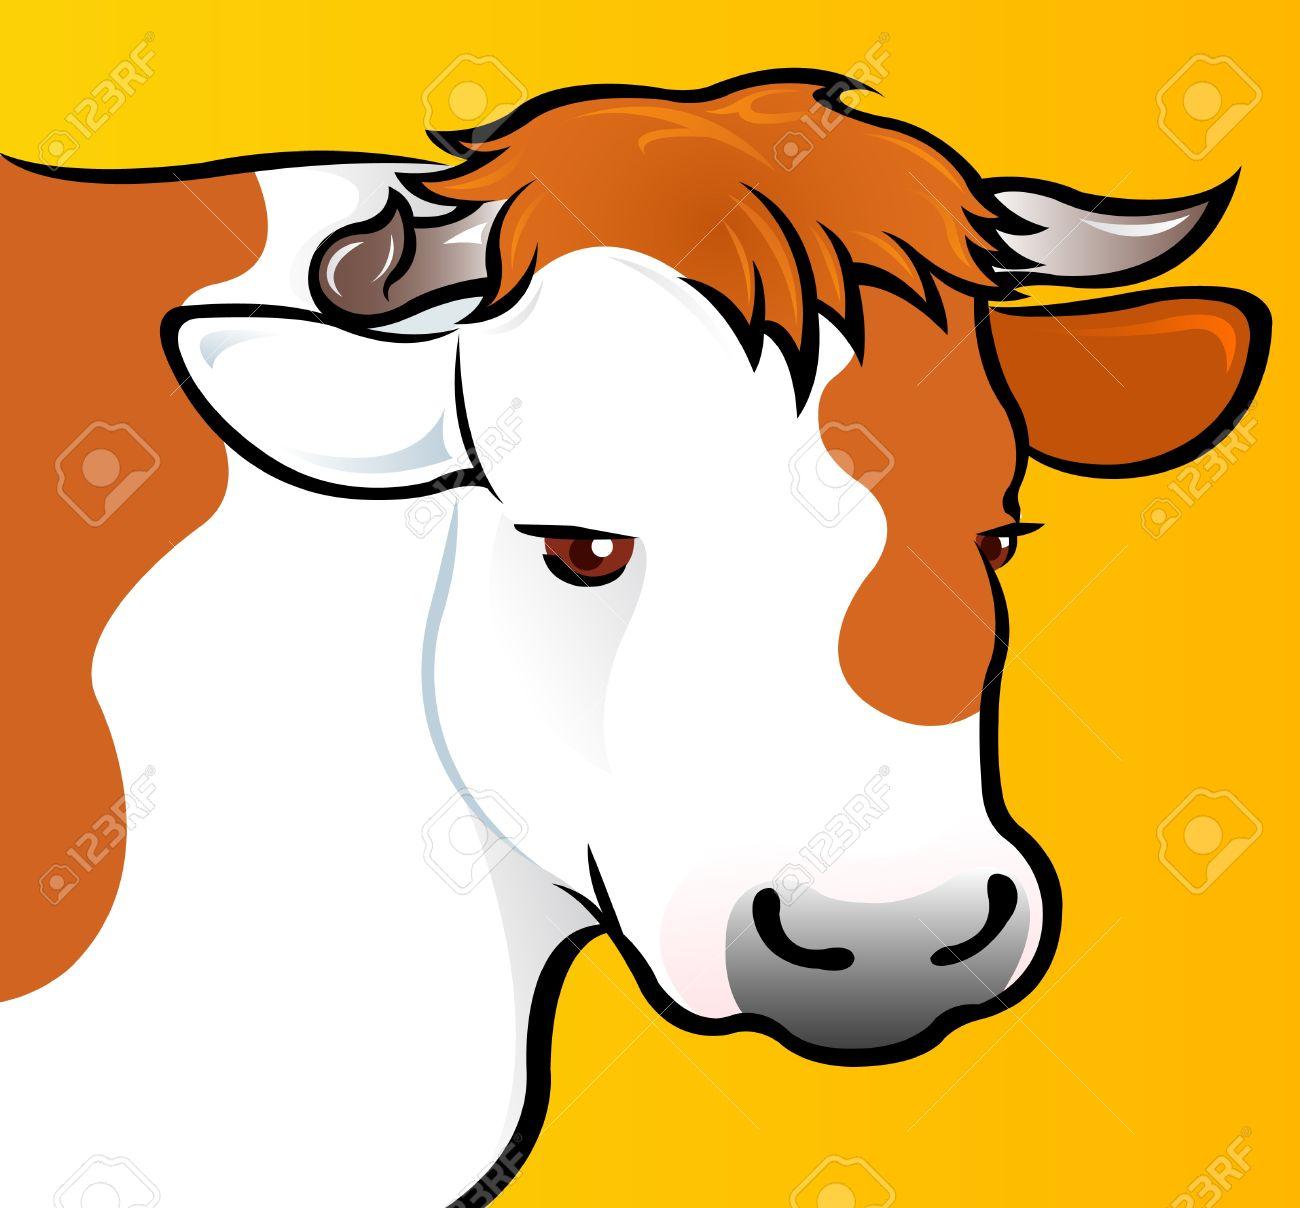 Cow Head in vectors Stock Vector - 9674462